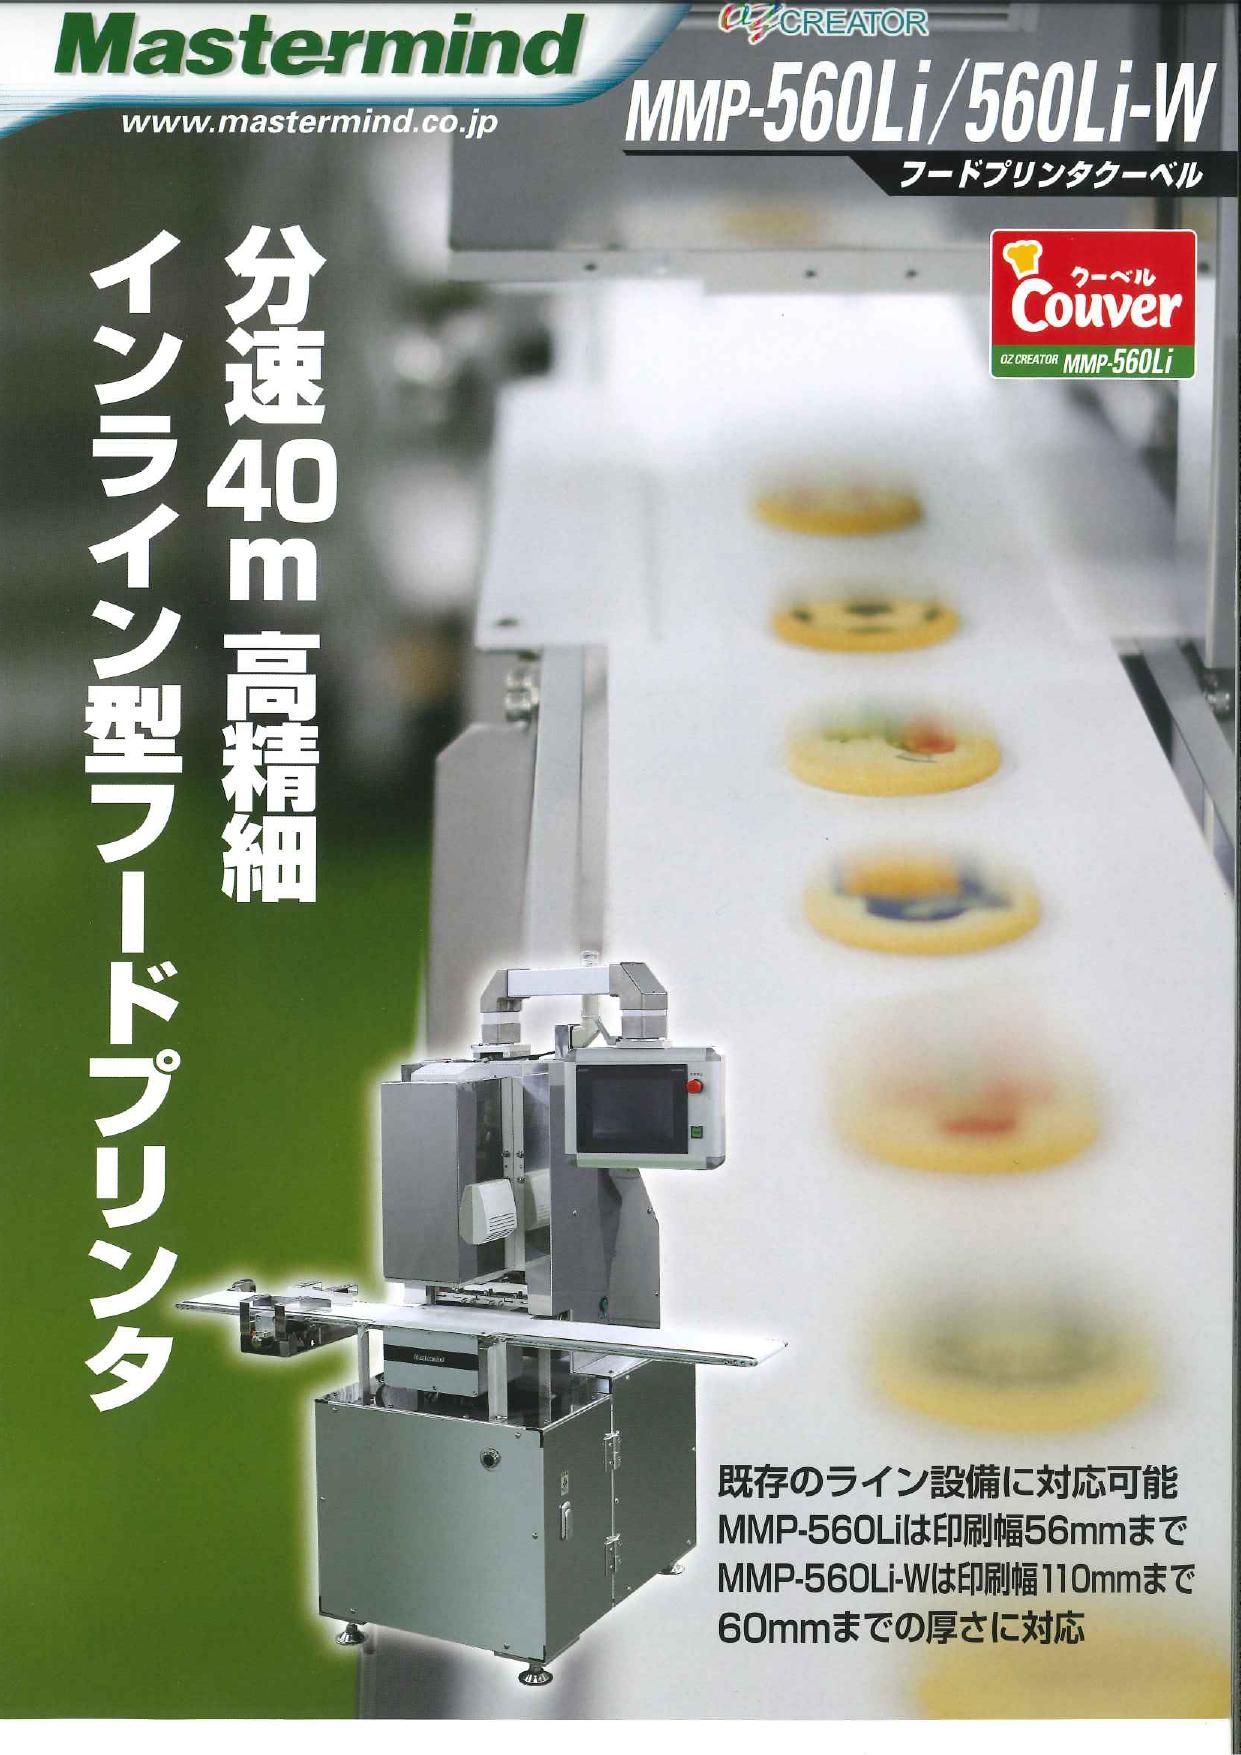 【食品への印刷】超高速フード量産型フードプリンタ MMP-561Li/561Li-w